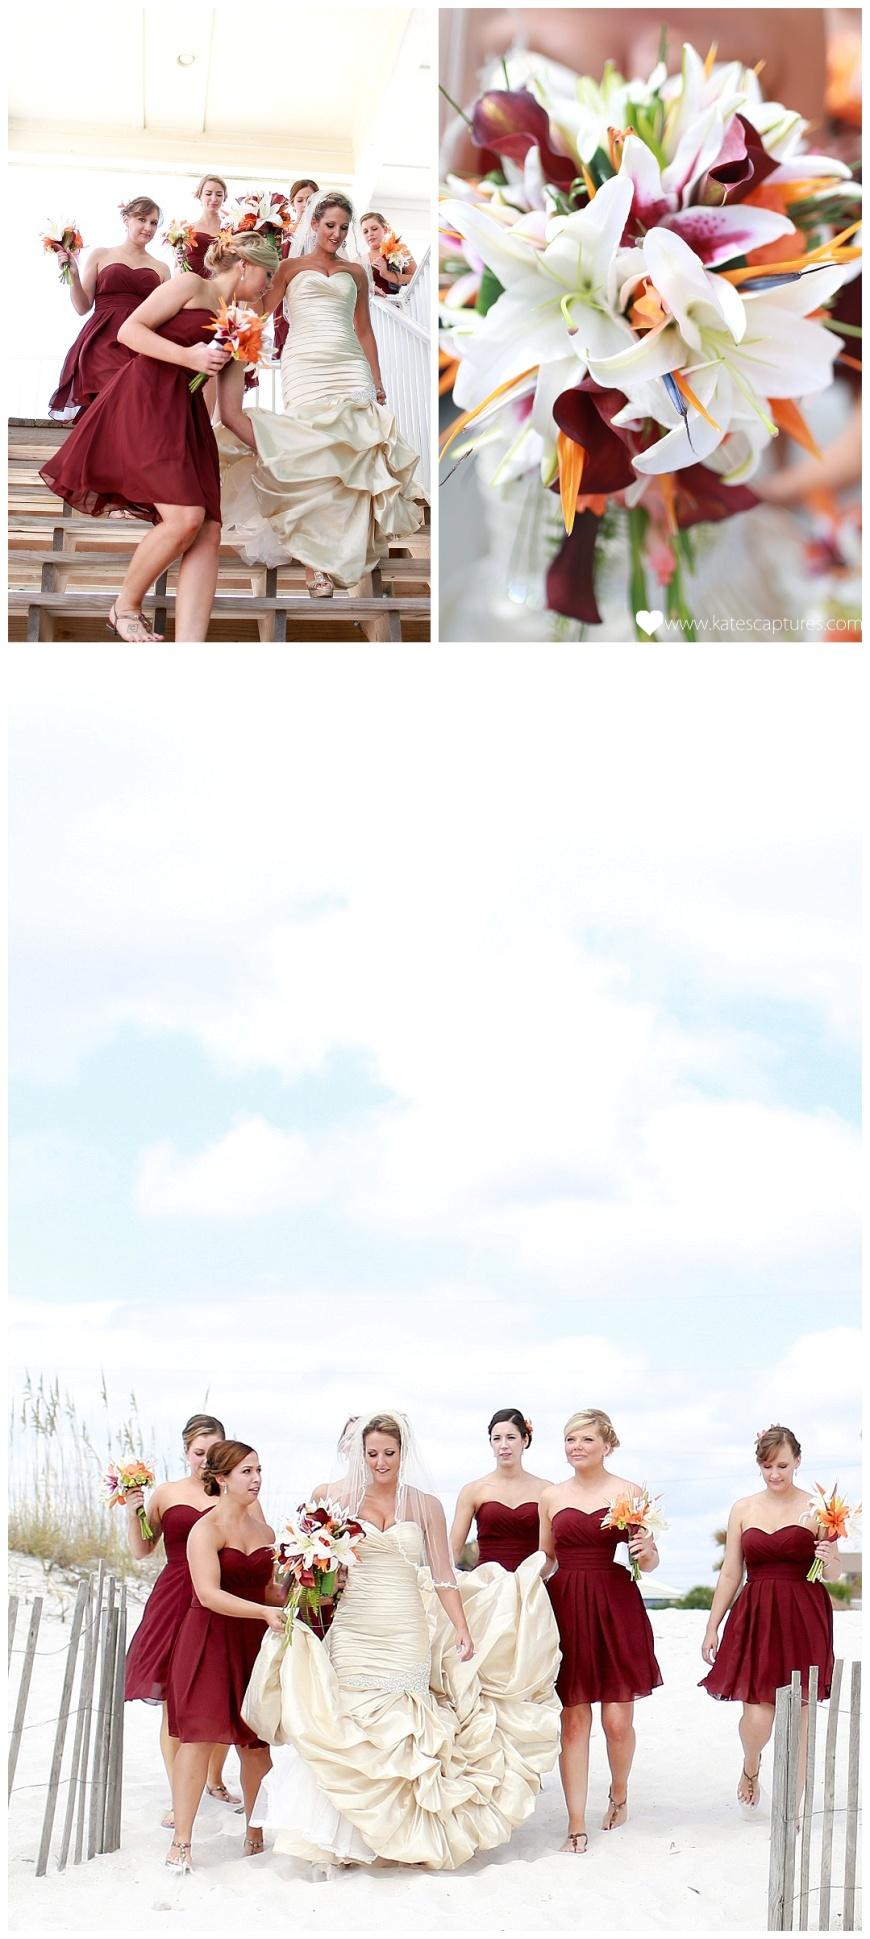 2014-09-28_0007.jpg